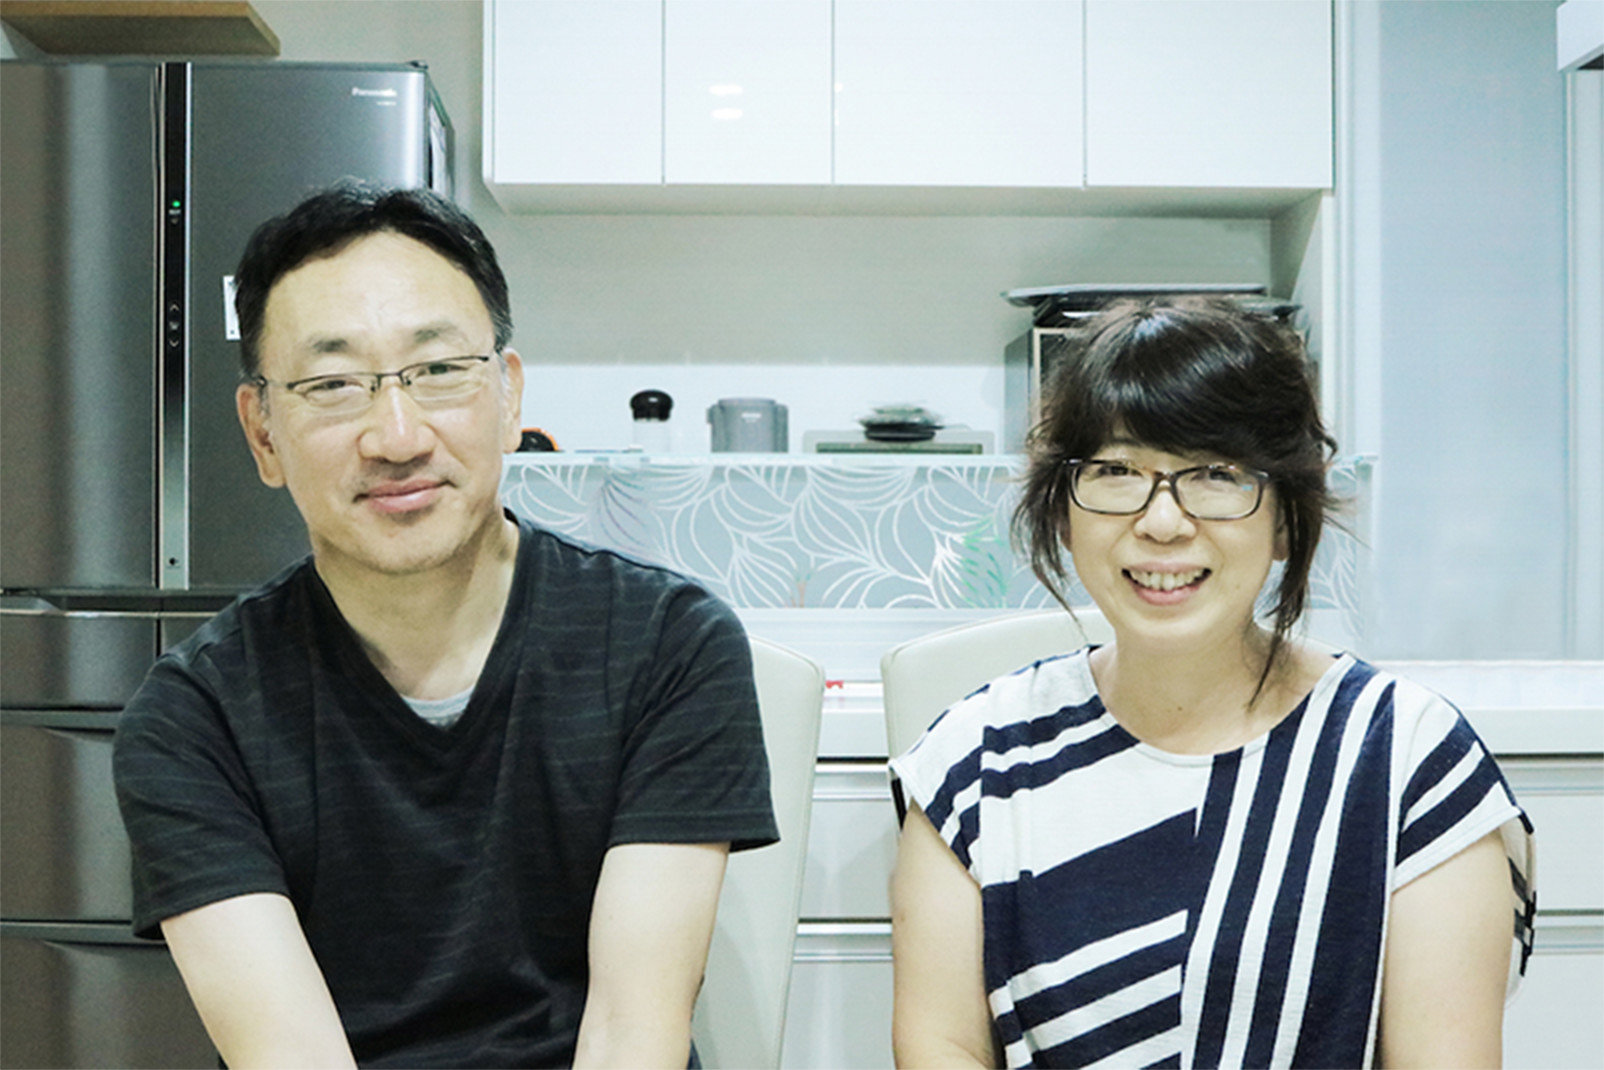 矢沢様邸インタビュー